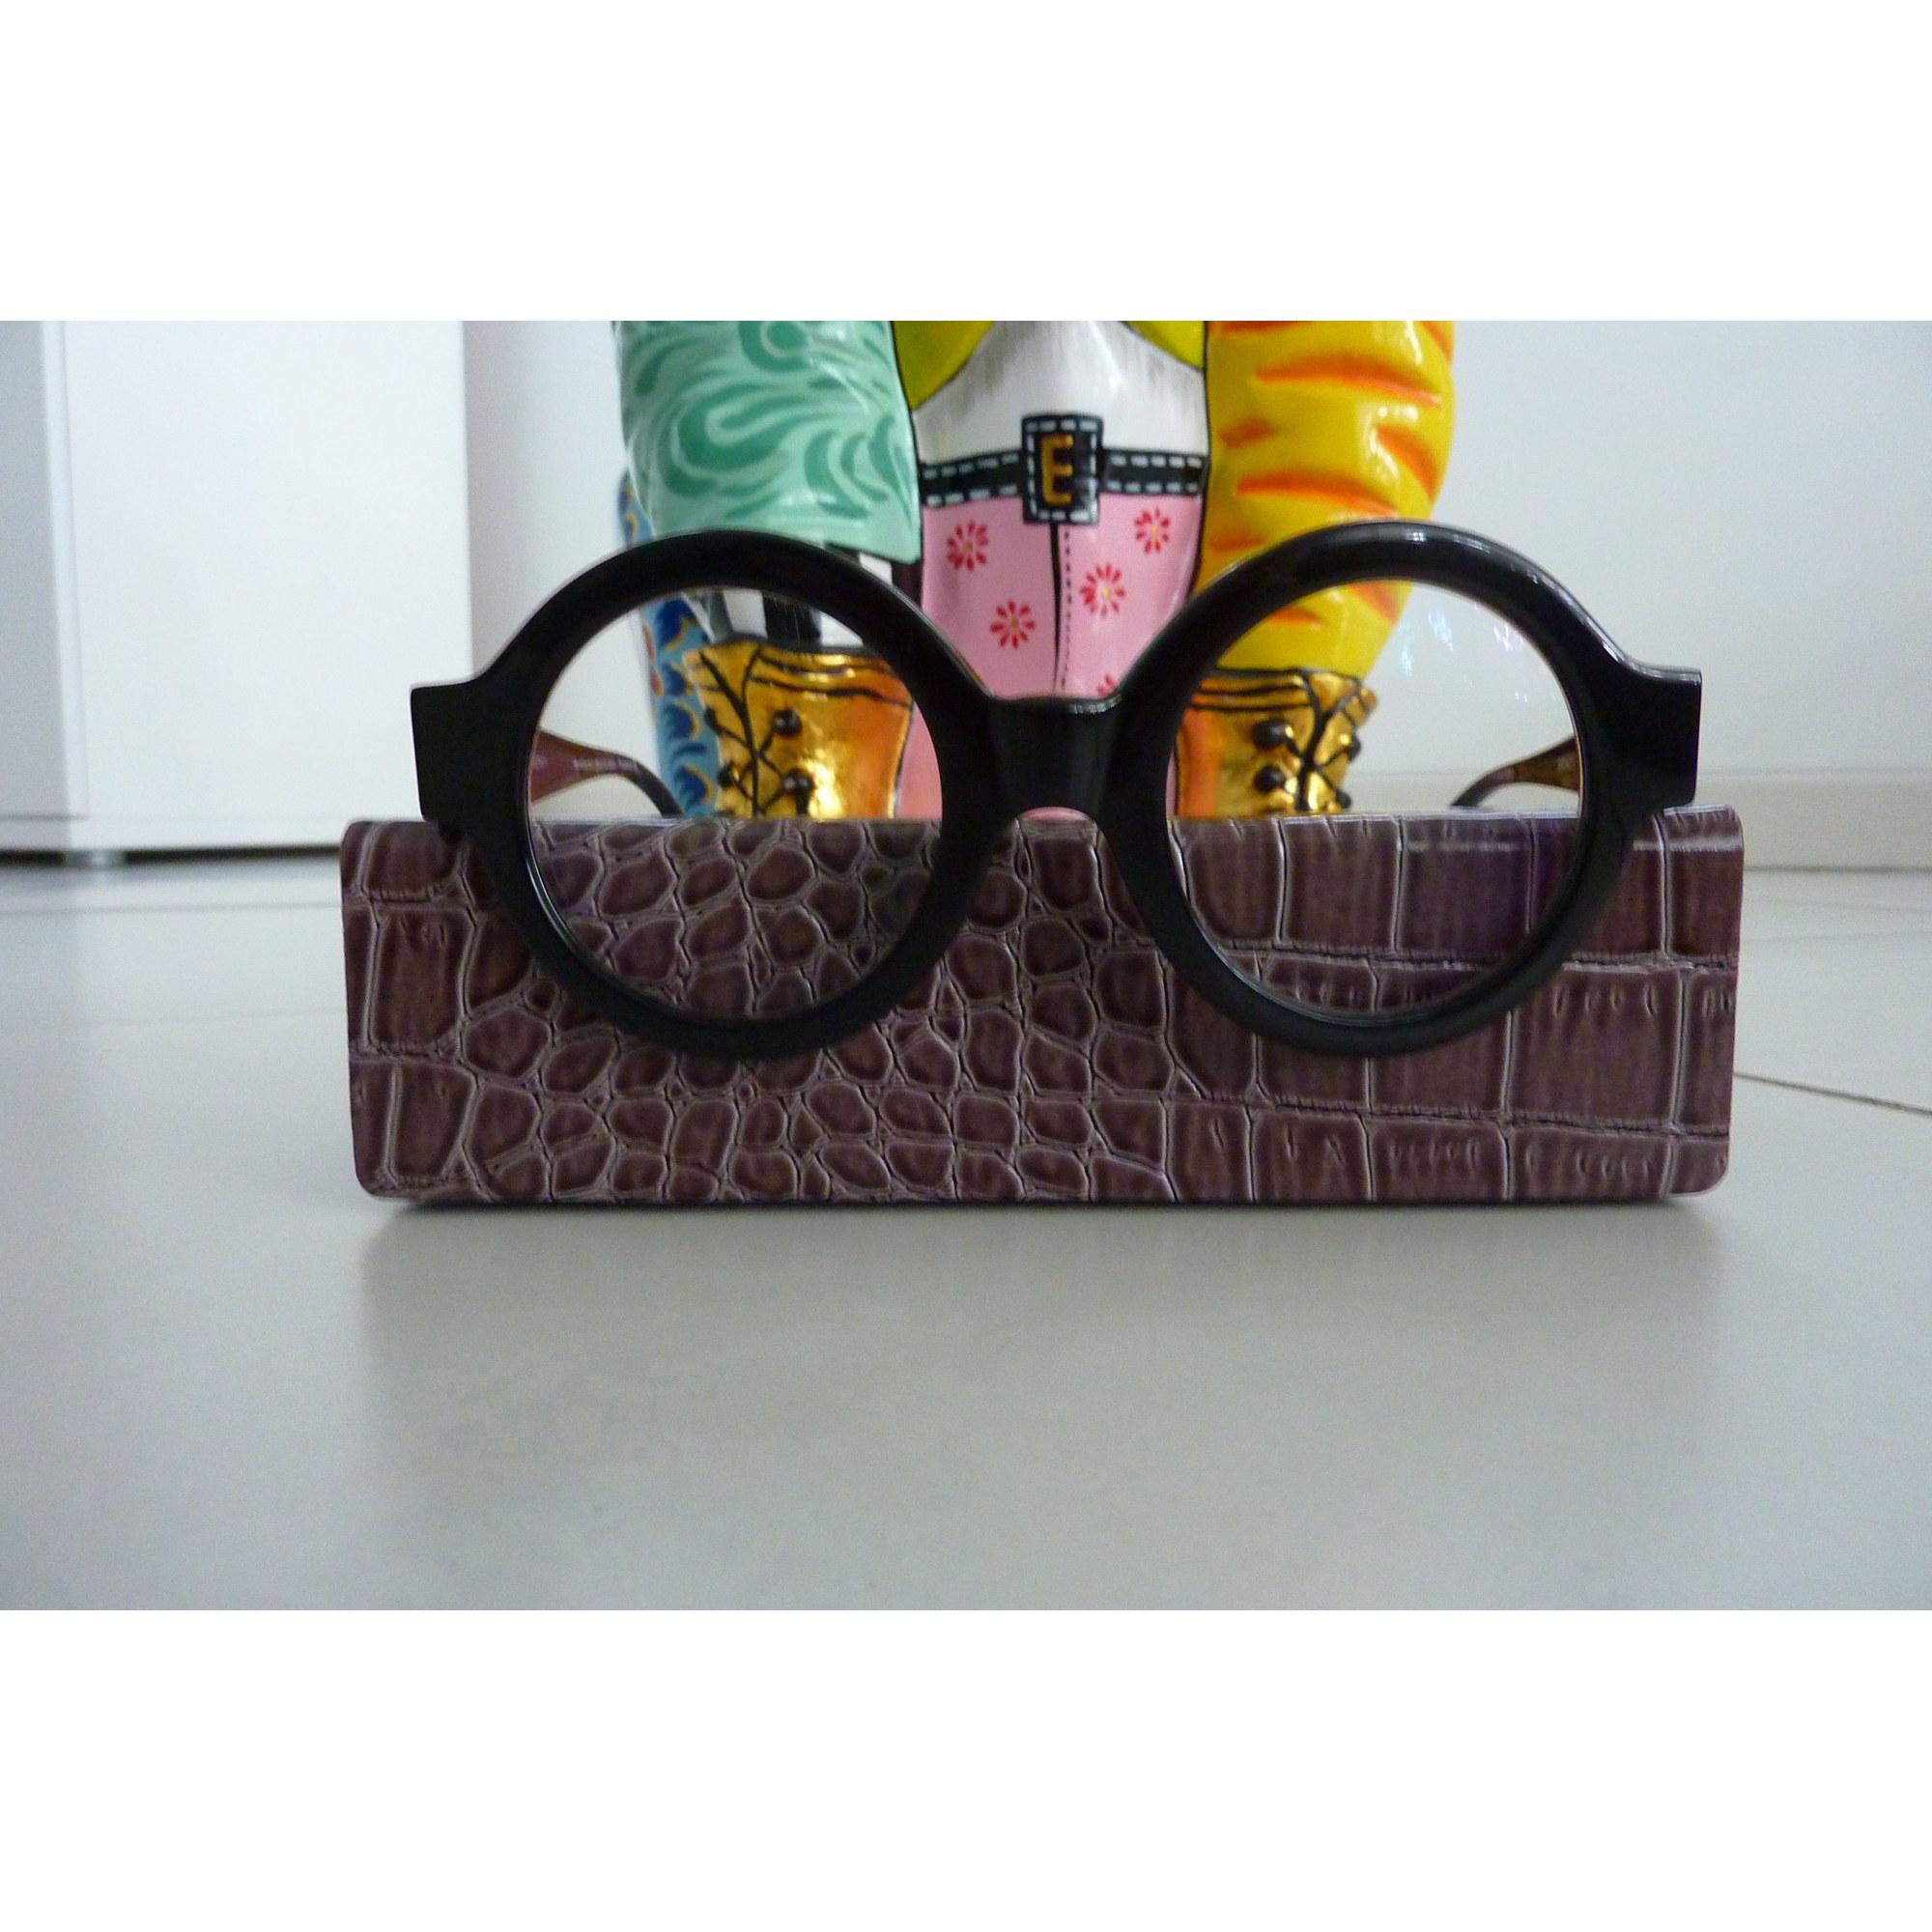 Monture de lunettes TRACTION PRODUCTIONS noir vendu par Zaza0607 ... 3a2f2a76d2c0